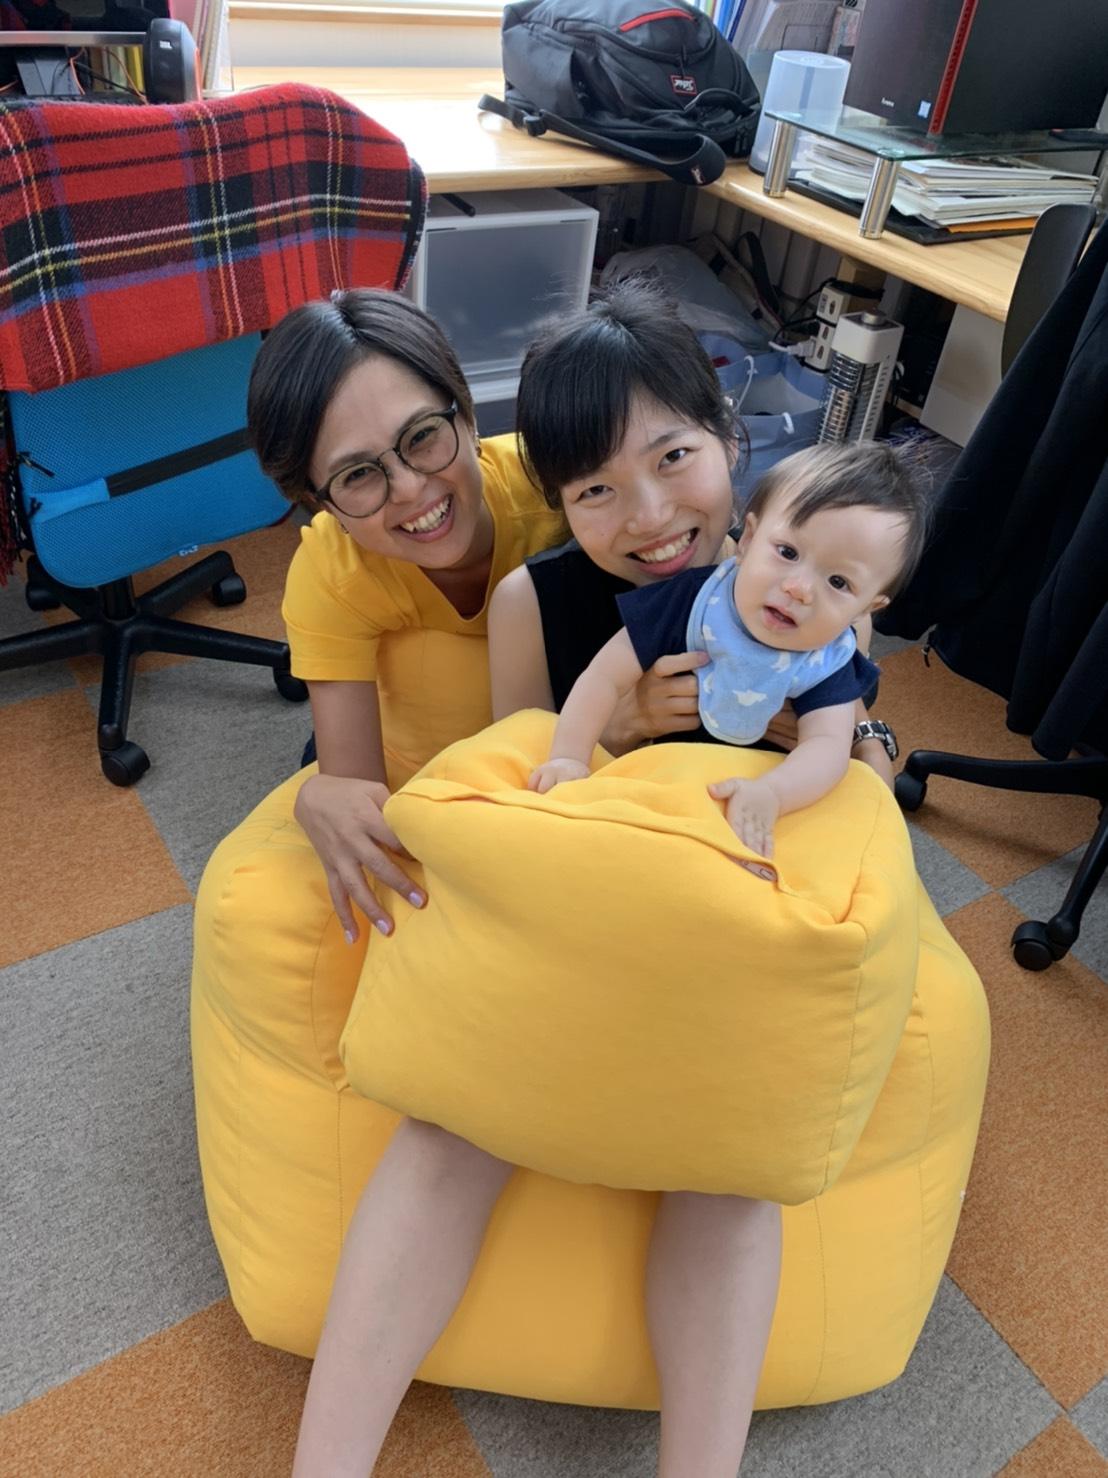 新米ママ ひろみのHAPPY 親切❣️part2✨〜親切 観ての 感想〜